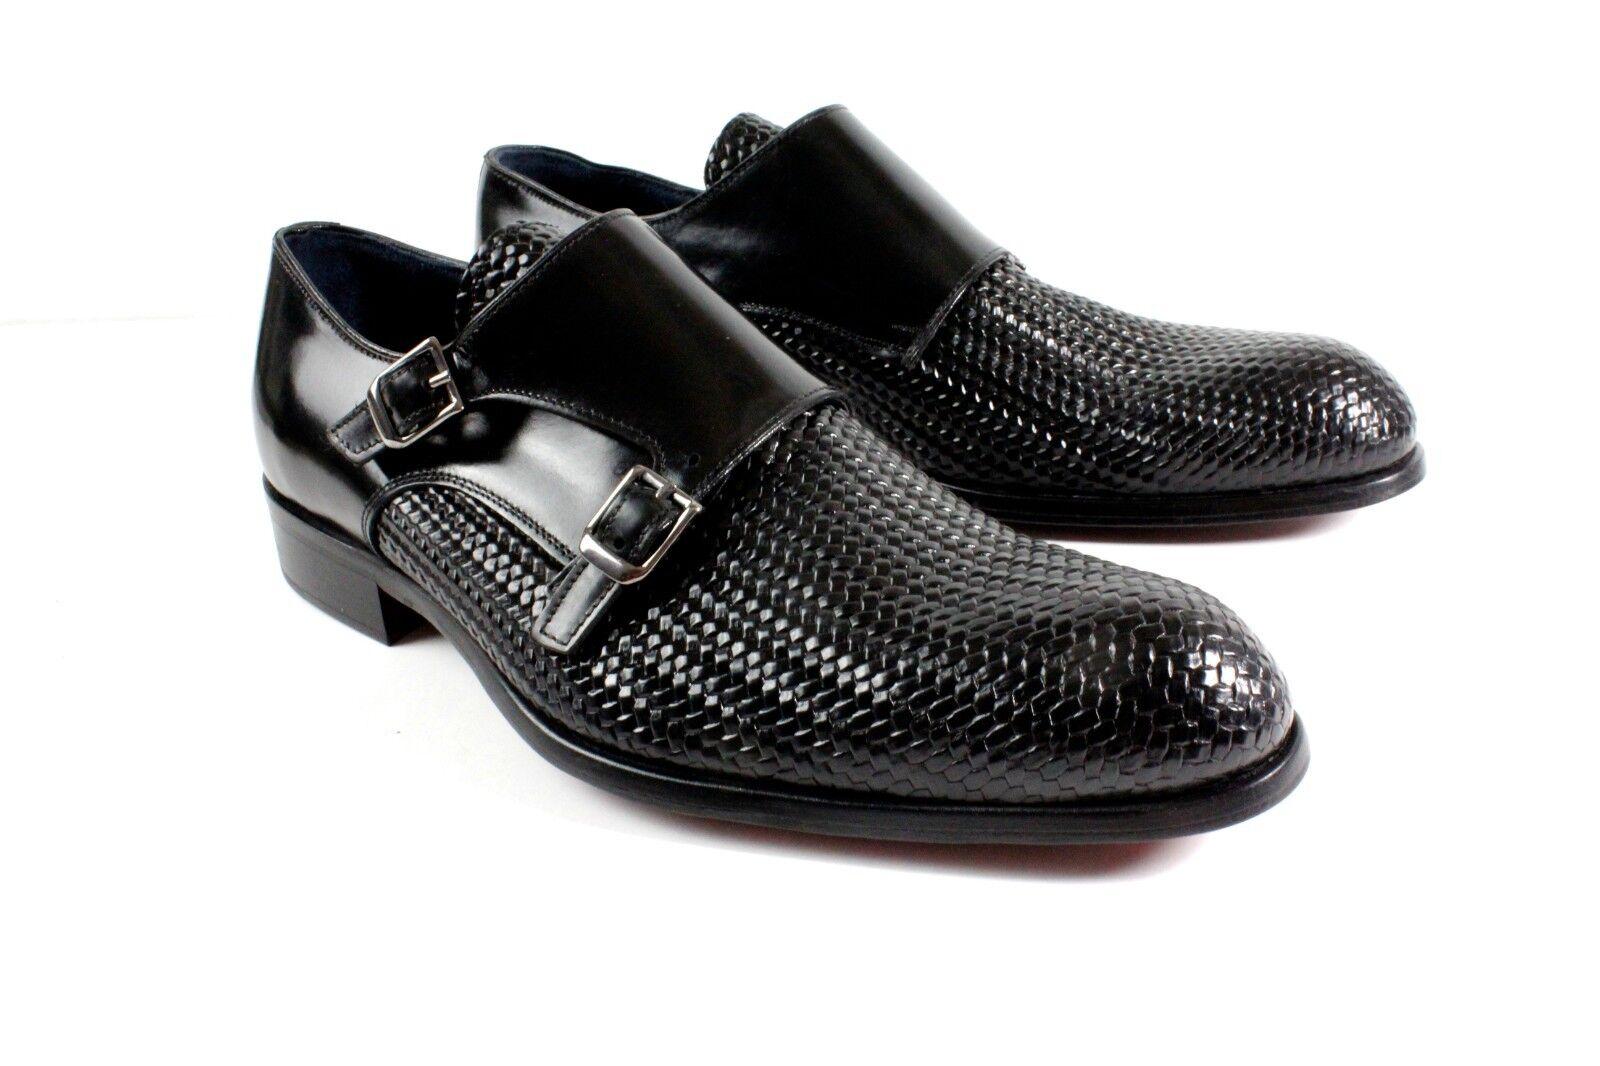 vendita scontata nero Handmade Monk Strap Italian Leather Dress scarpe    Oxford scarpe   Dimensione 40  più ordine